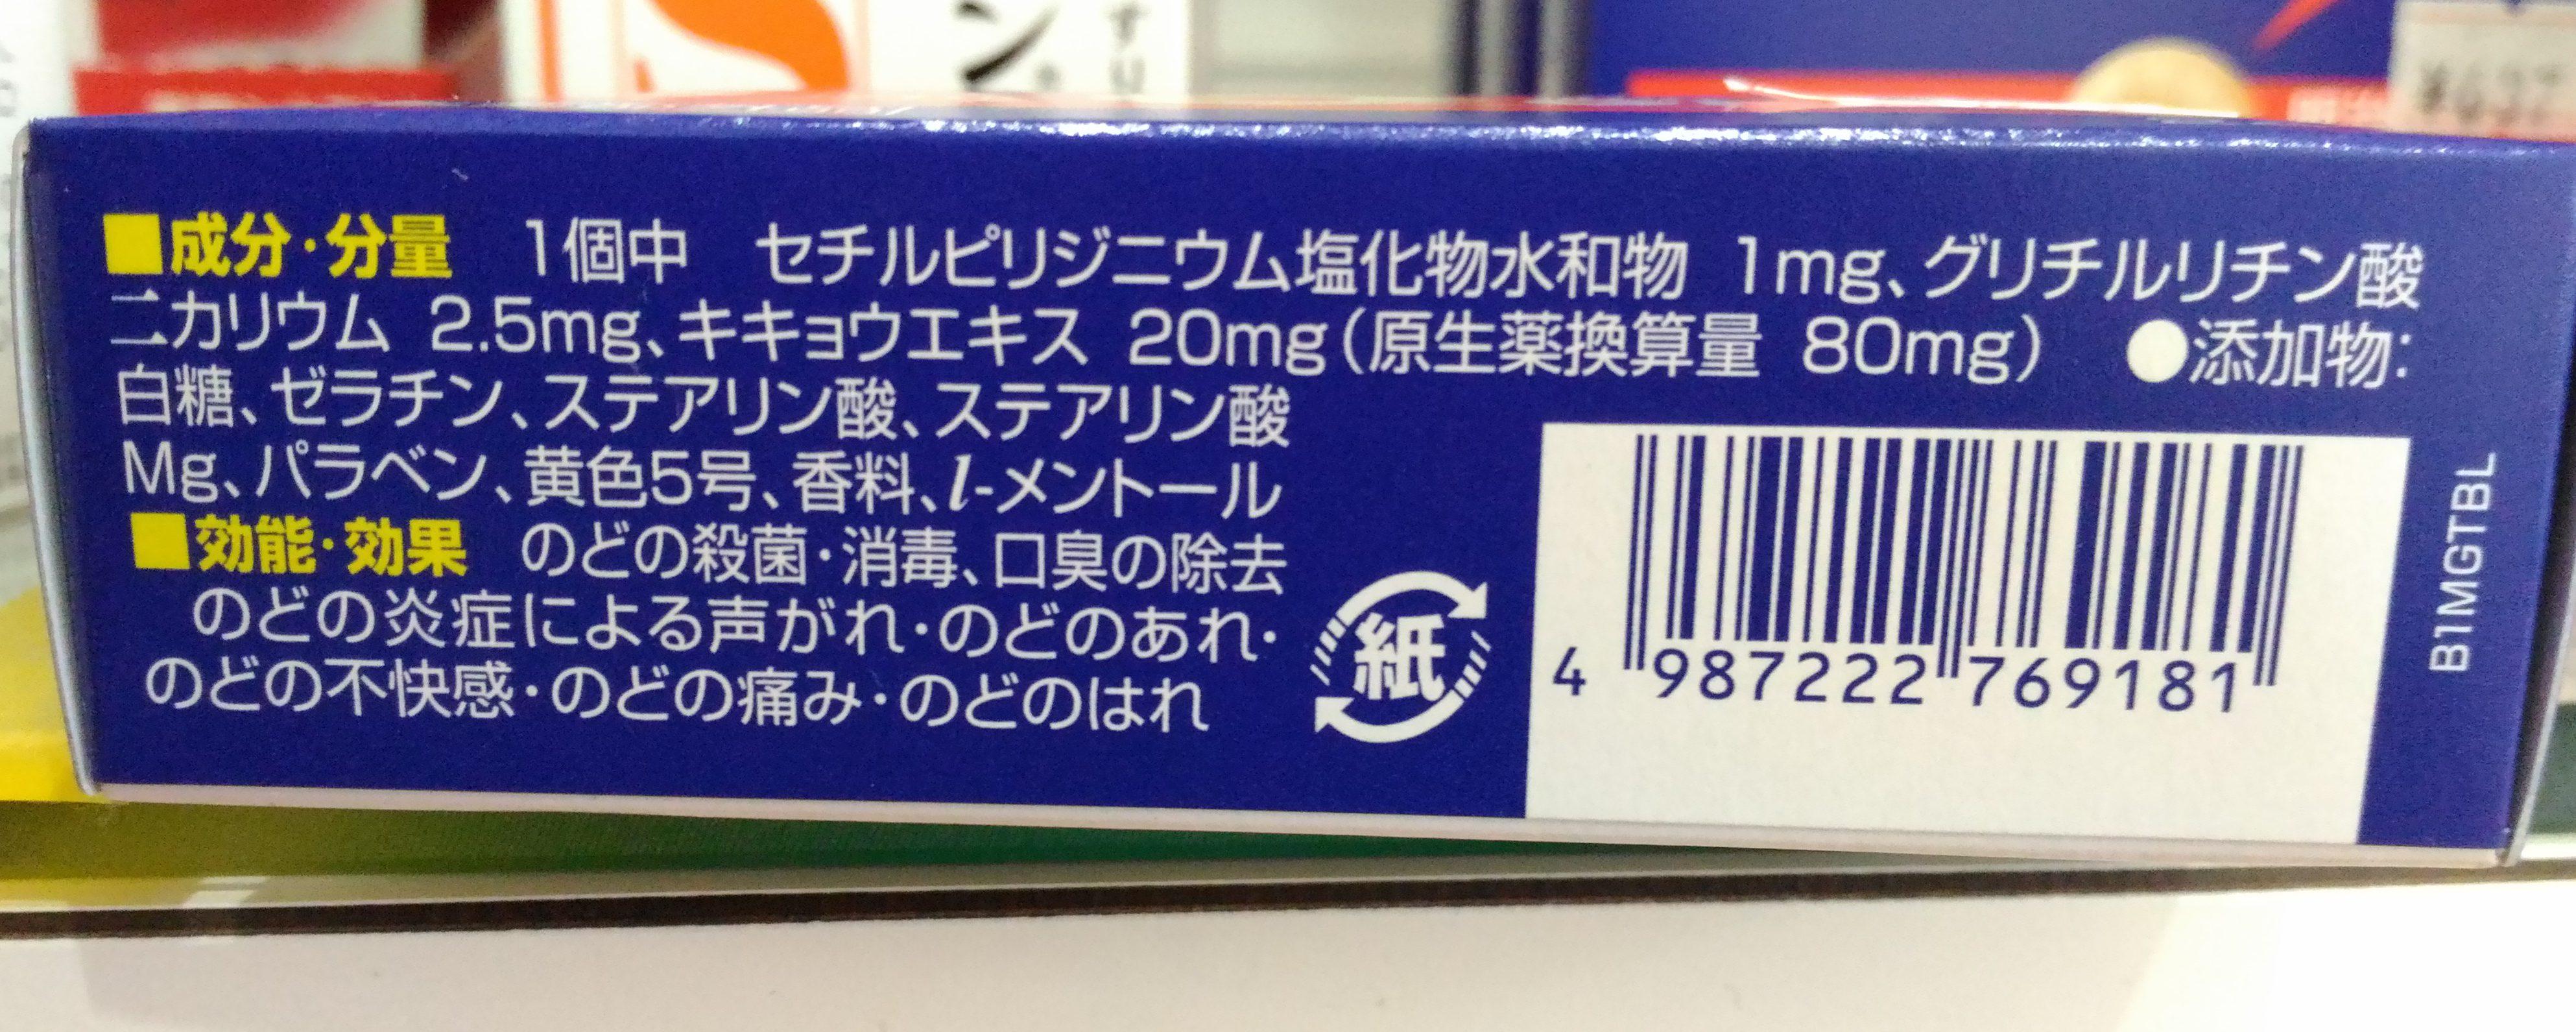 塩化 セチル ピリジニウム